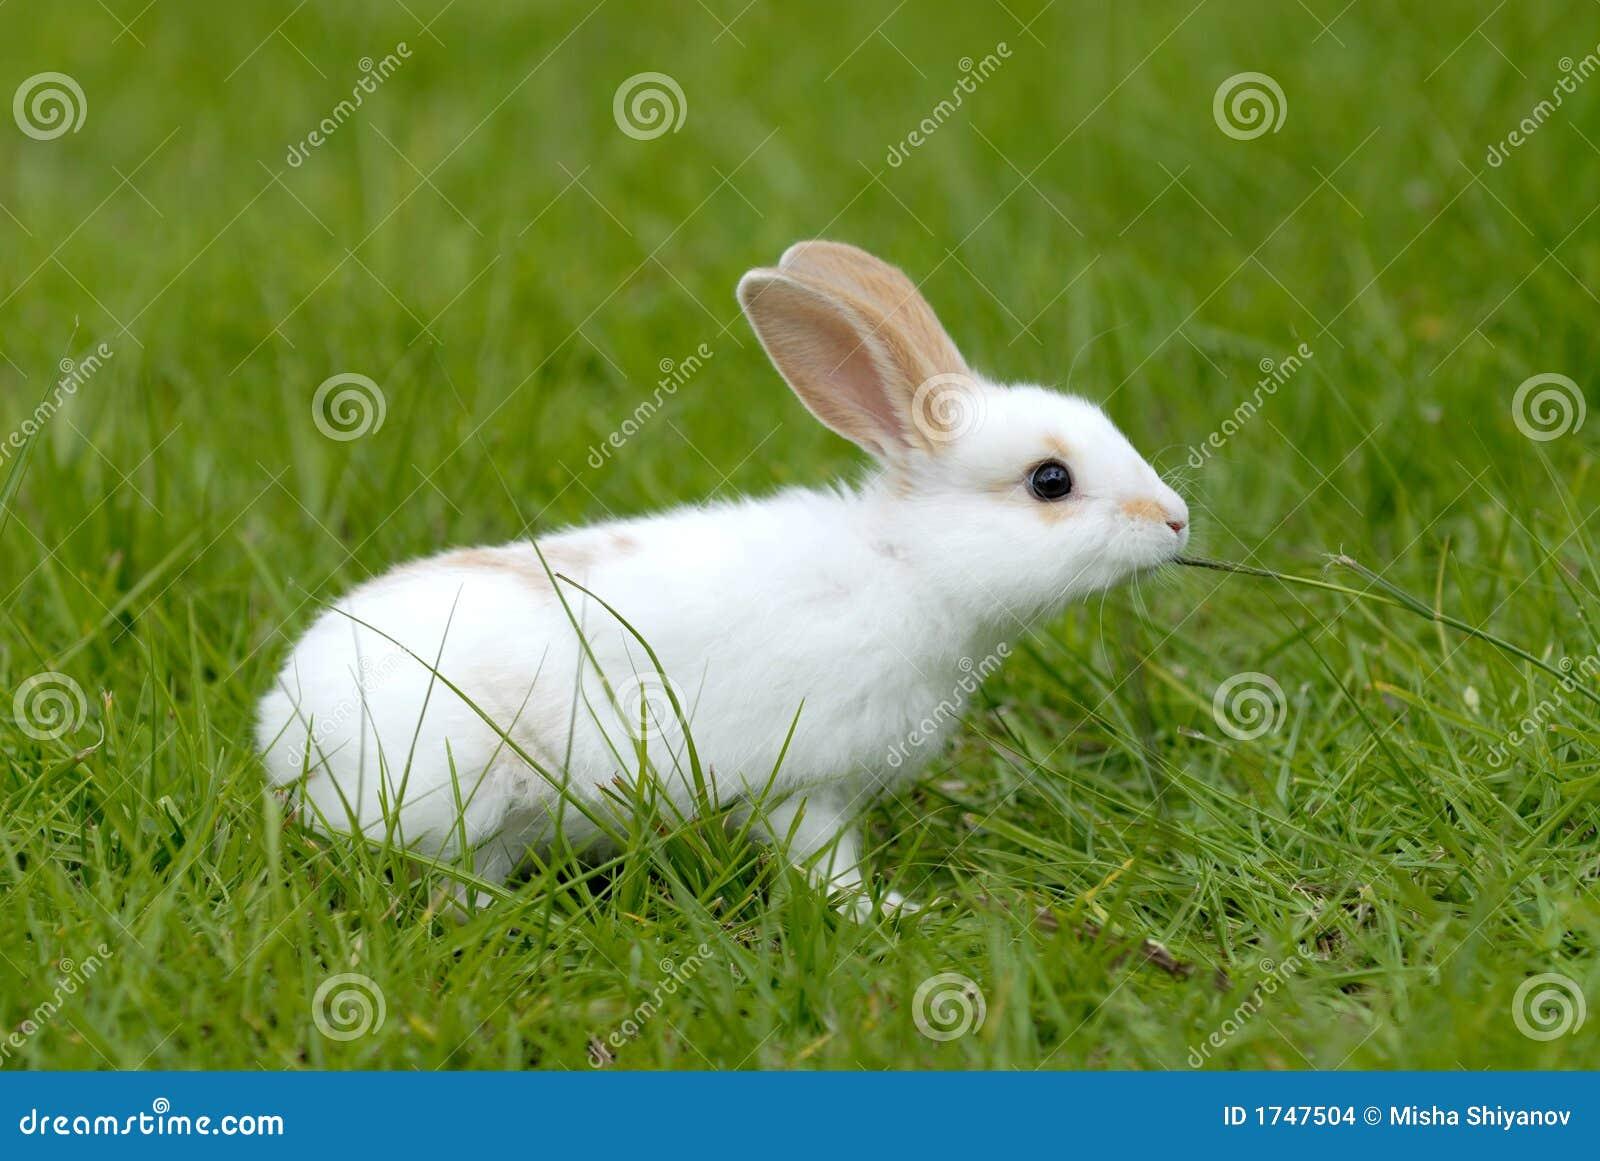 Coniglio bianco sull erba